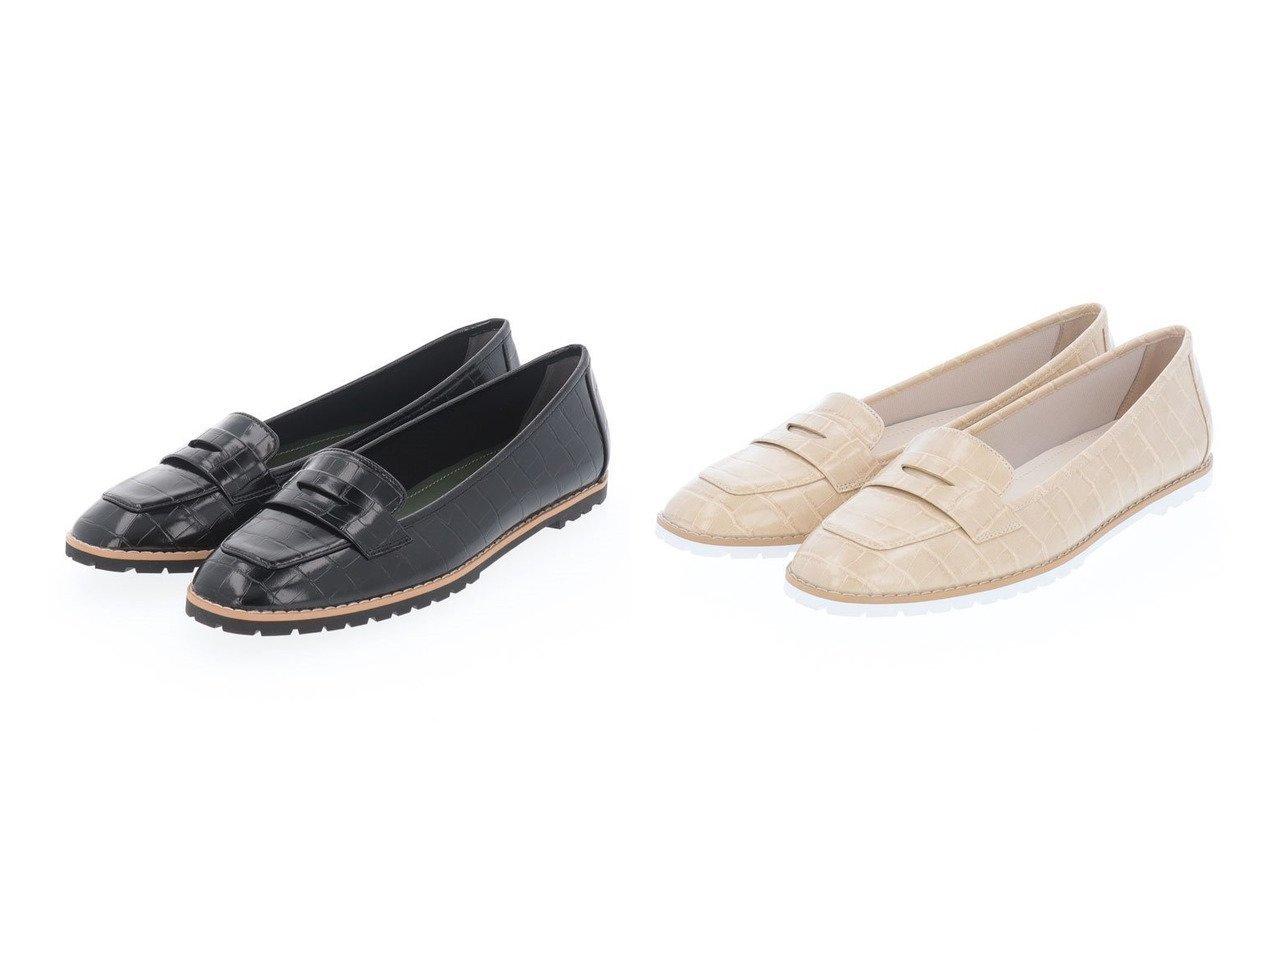 【artemis by DIANA/アルテミス バイ ダイアナ】のクロコ型押しスクエアトゥローファー 【シューズ・靴】おすすめ!人気トレンド・レディースファッション通販 おすすめで人気の流行・トレンド、ファッションの通販商品 インテリア・家具・メンズファッション・キッズファッション・レディースファッション・服の通販 founy(ファニー) https://founy.com/ ファッション Fashion レディースファッション WOMEN おすすめ Recommend クロコ シューズ トレンド 春 Spring |ID:crp329100000046514